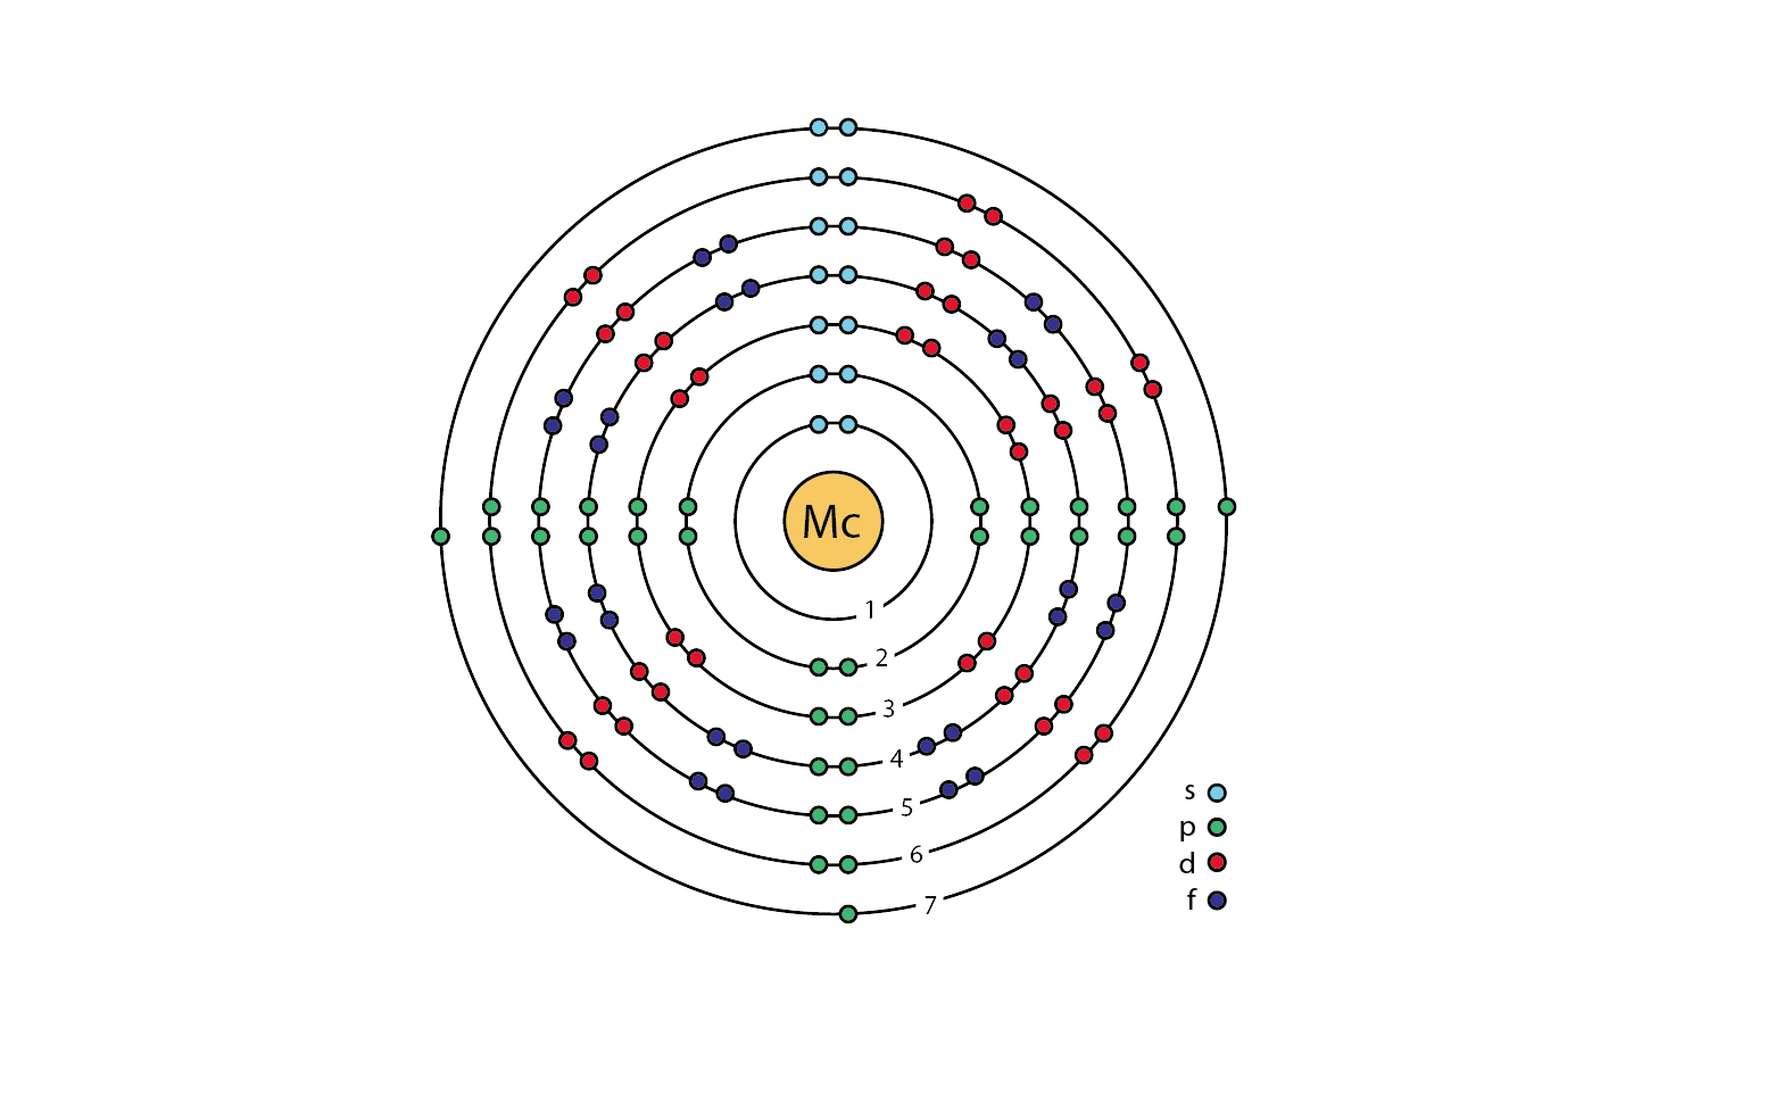 L'ununpentium ou moscovium est l'élément chimique de numéro atomique 115. L'atome est ici représenté avec ses sous-couches électroniques selon le modèle de Bohr. © Ahazard.sciencewriter, Wikimedia Commons